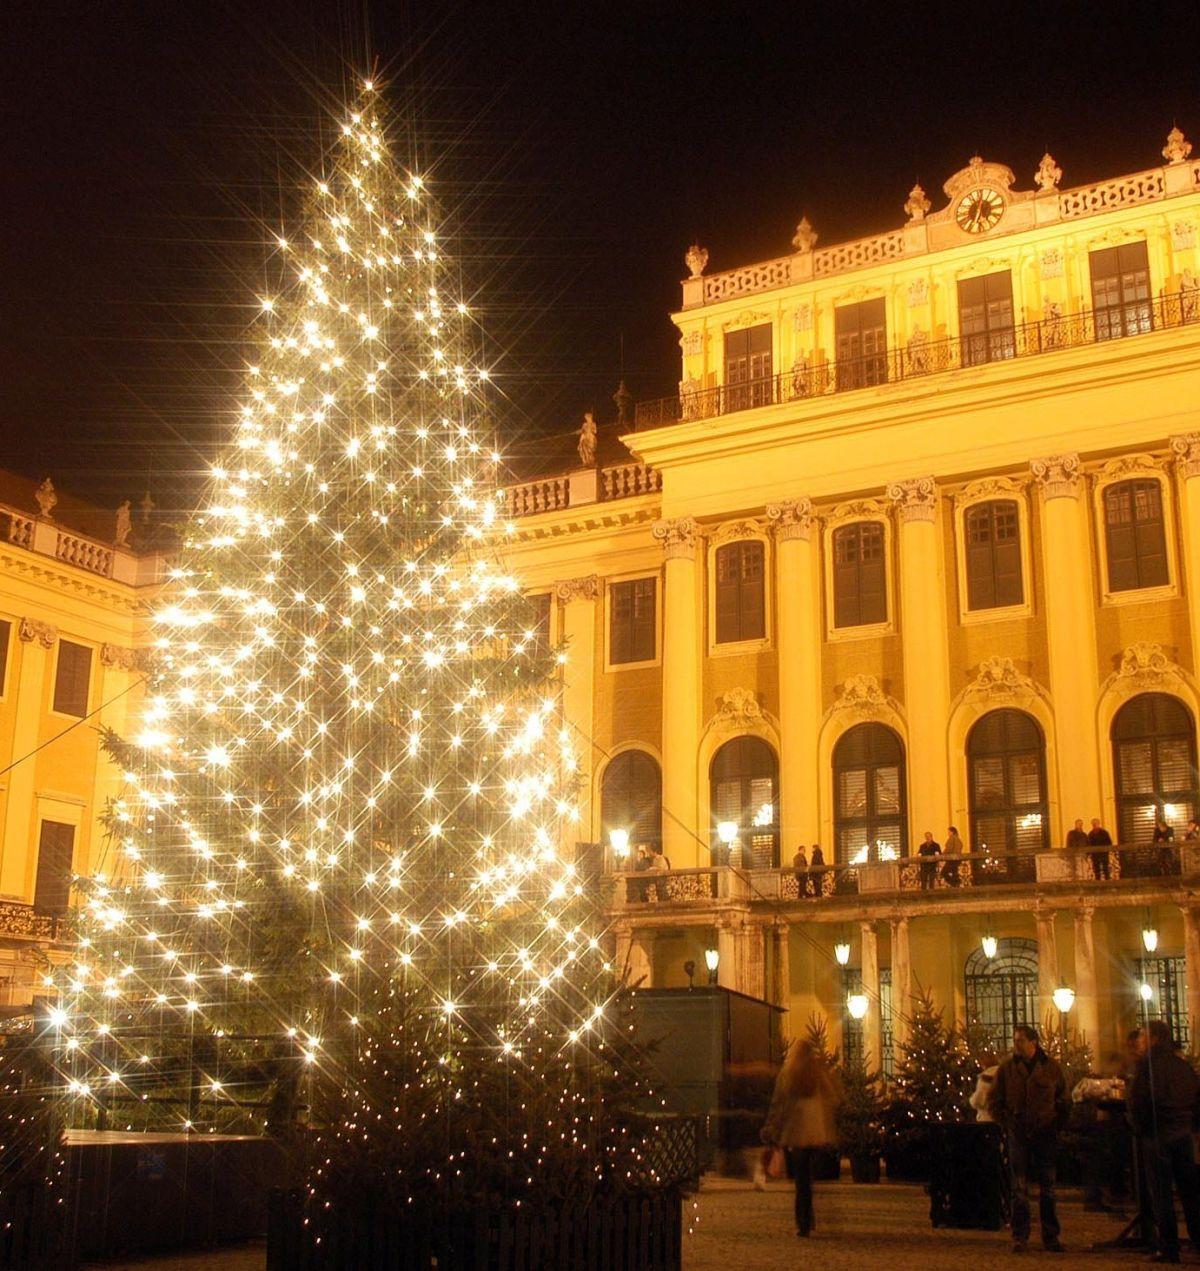 Christbaum und Schloss seitlich nachts © Weihnachtsmarkt.co.at_Gerhard Fally